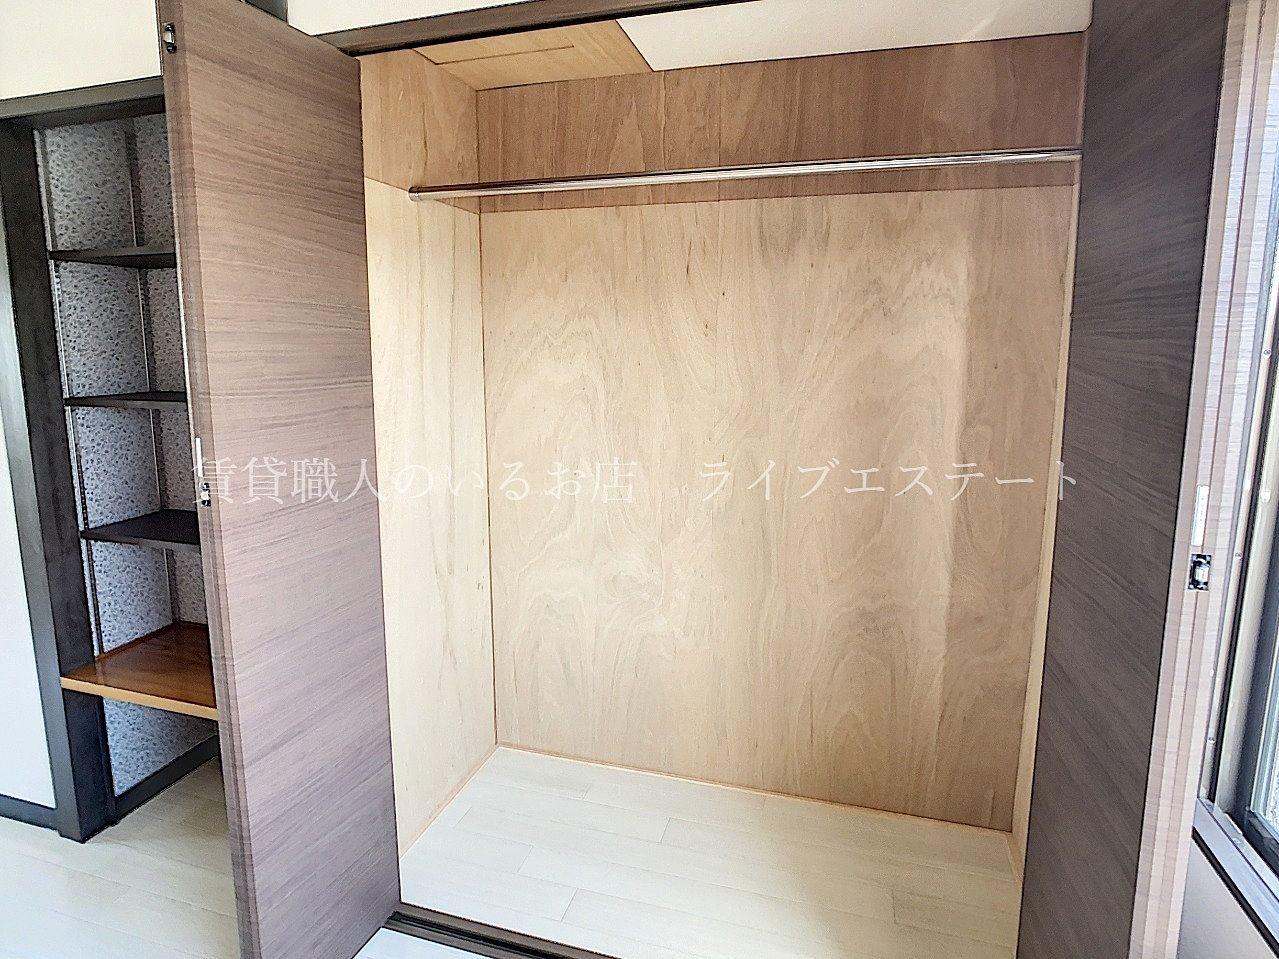 横の棚は可動式で棚板の位置を変えられます